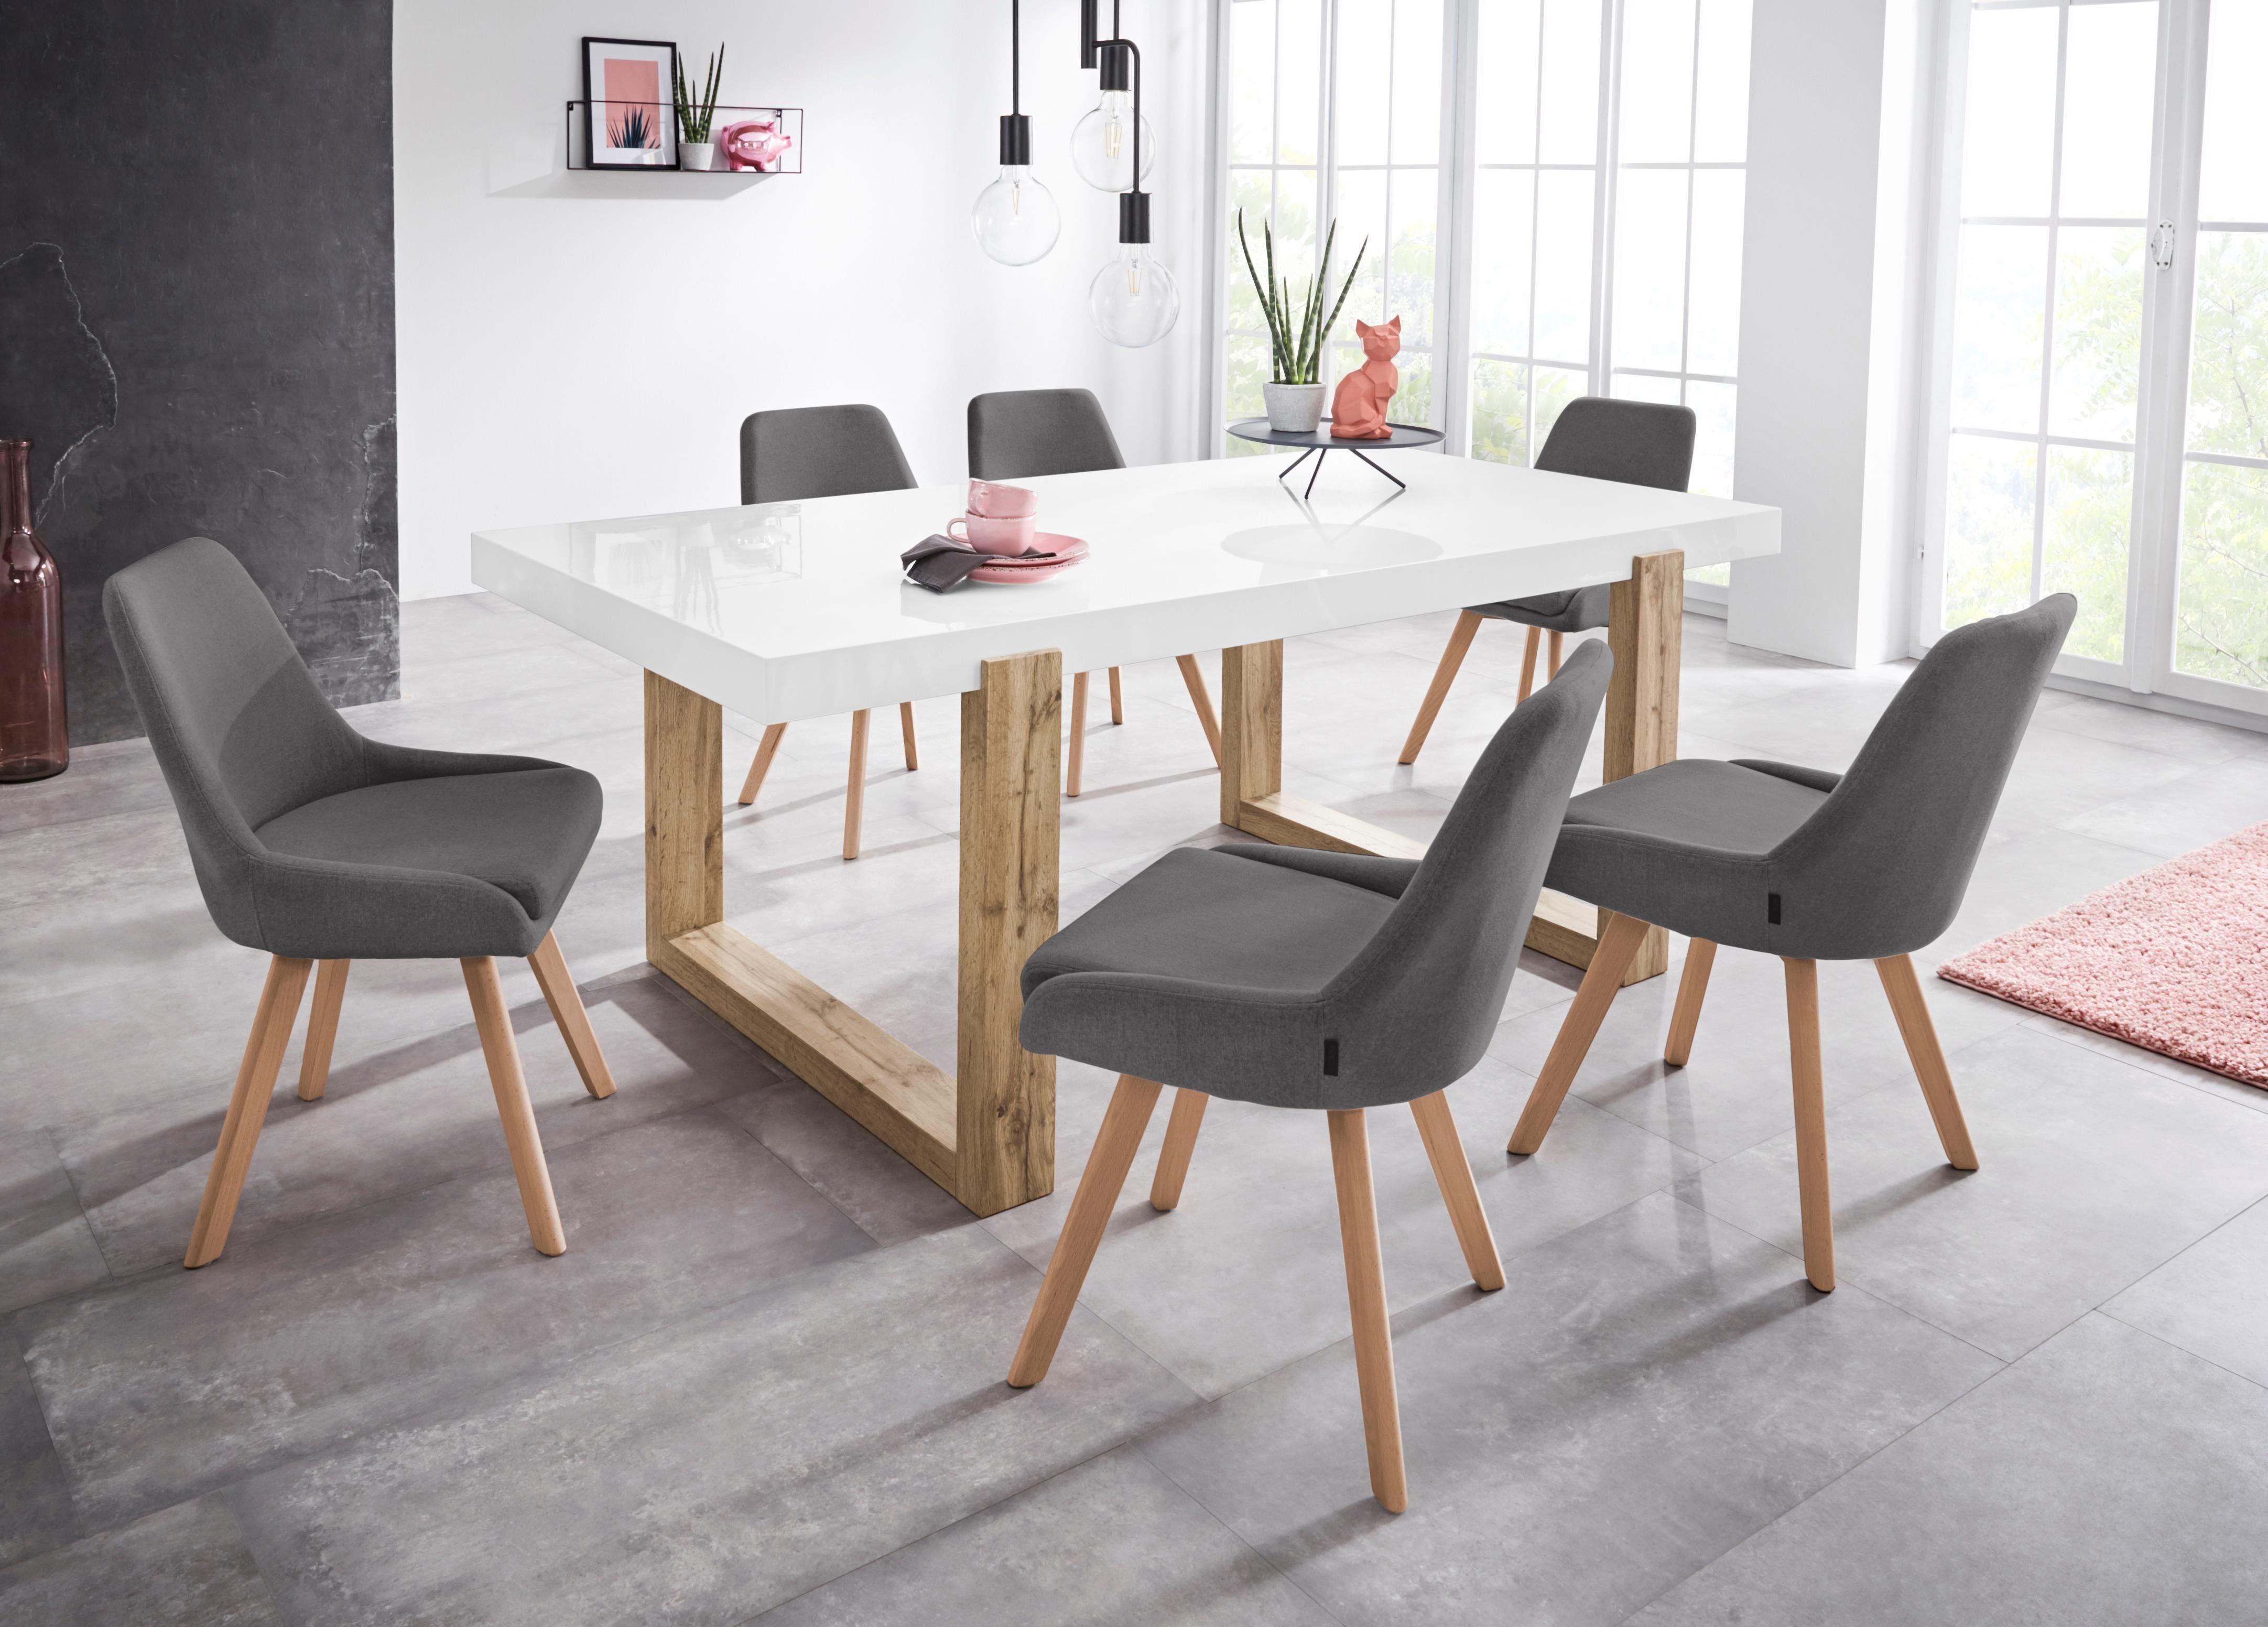 INOSIGN Stuhl »Dilla« 2er Set, aus schönem Webstoff Bezug und massiven Eichenholzbeinen, Sitzhöhe 48 cm online kaufen | OTTO